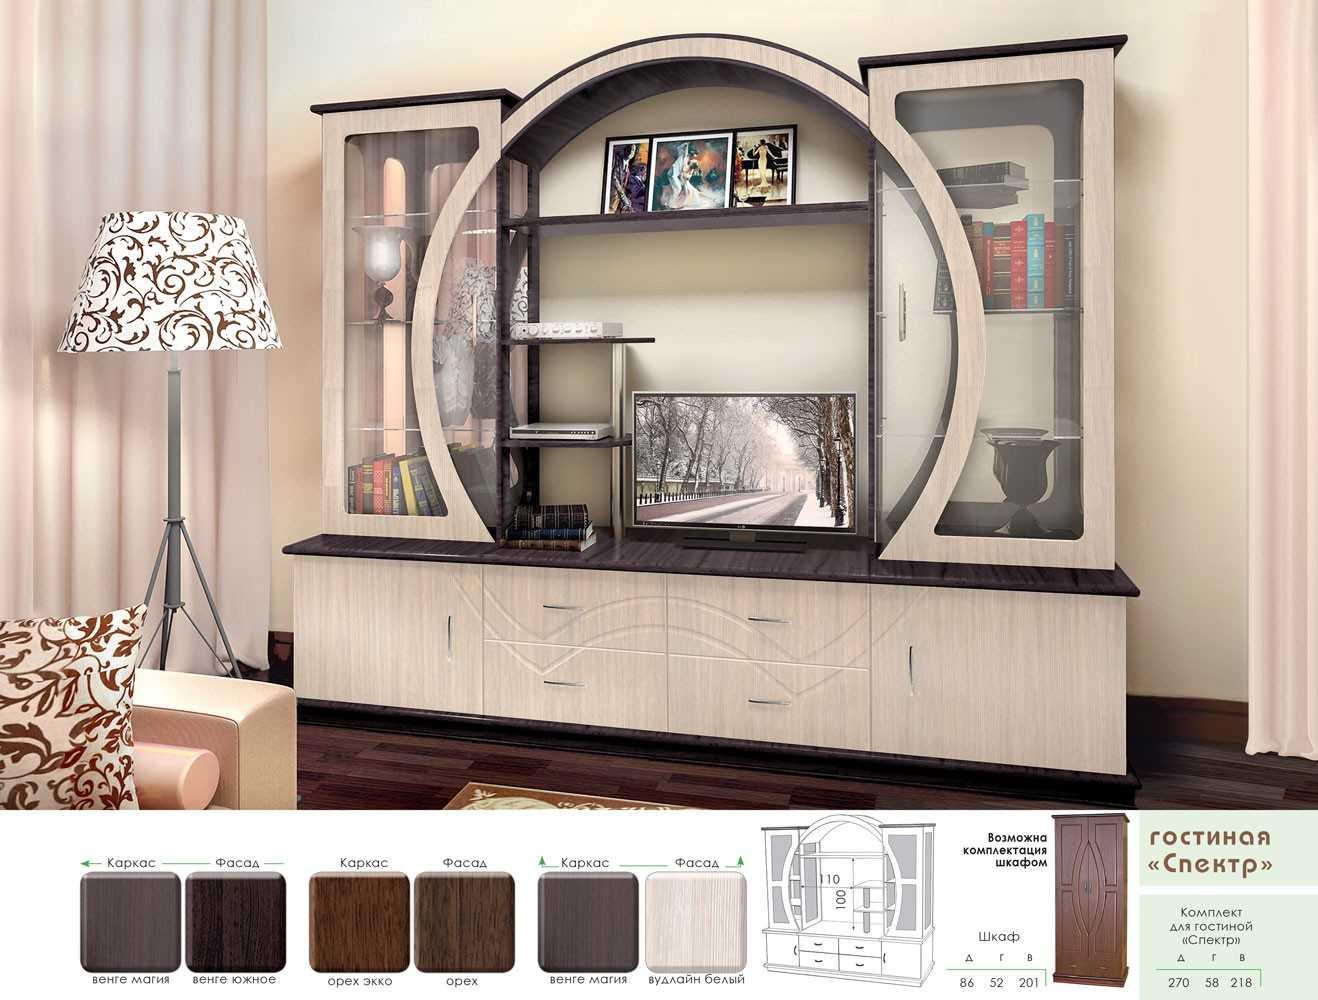 Гостиная Спектр, Модерн, фото 2